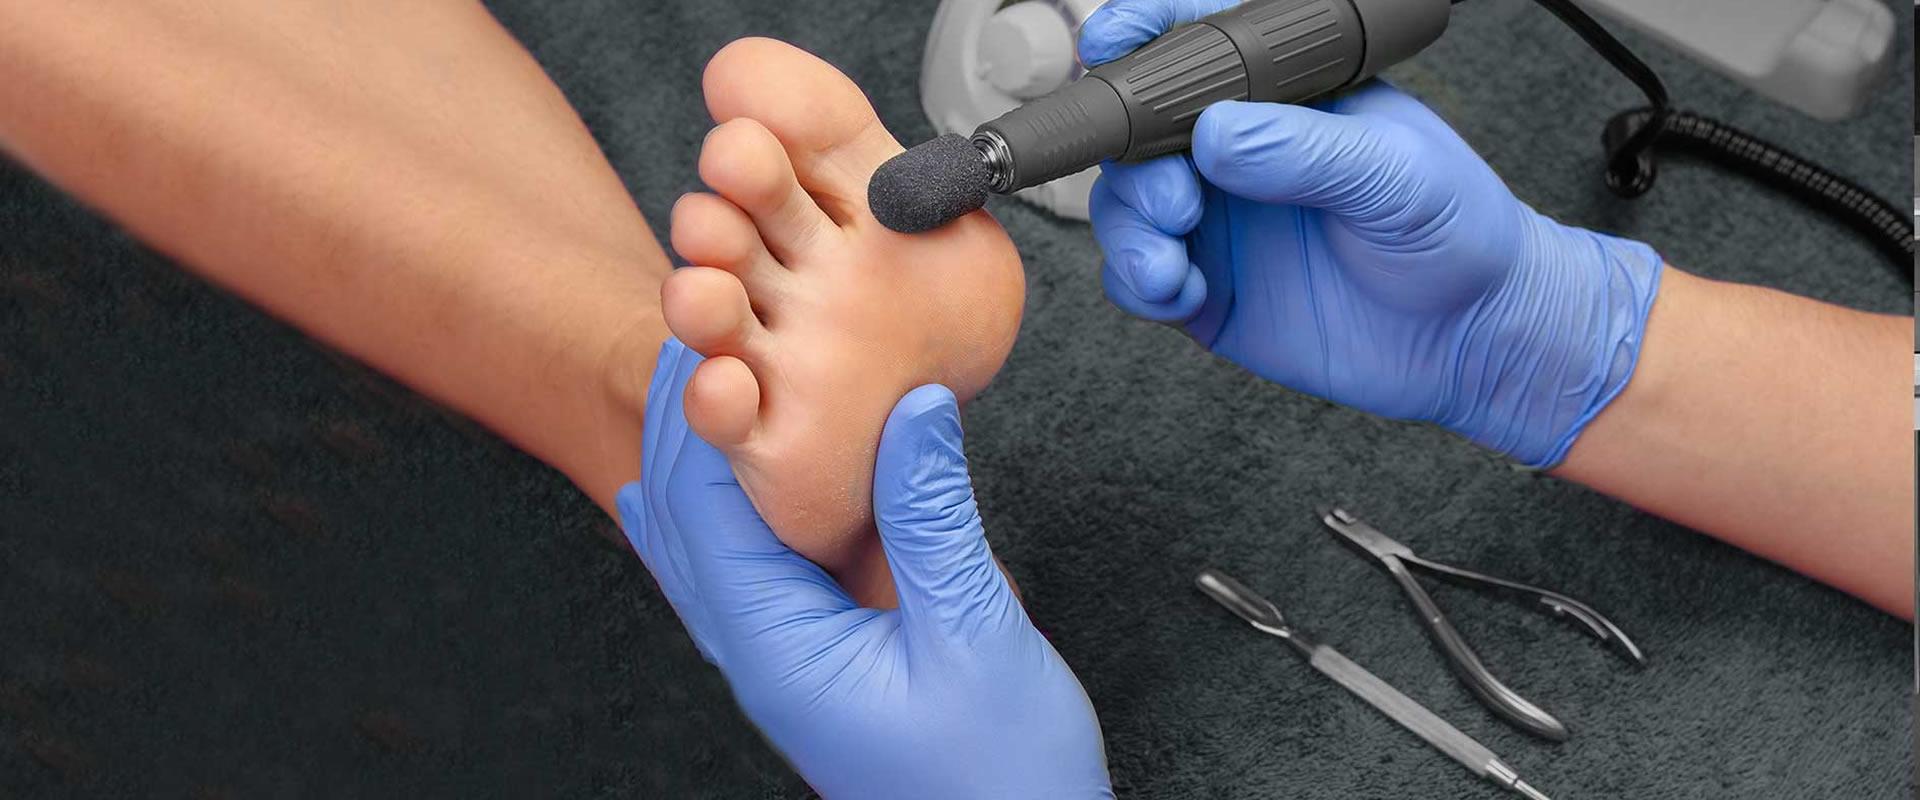 Мозоль на мизинце ноги: как избавиться от образований, как удалить твердые или вросшие уплотнения на пальцах, можно ли вывести и вылечить их в домашних условиях, если они болят, а также какое лечение наростов эффективнее?